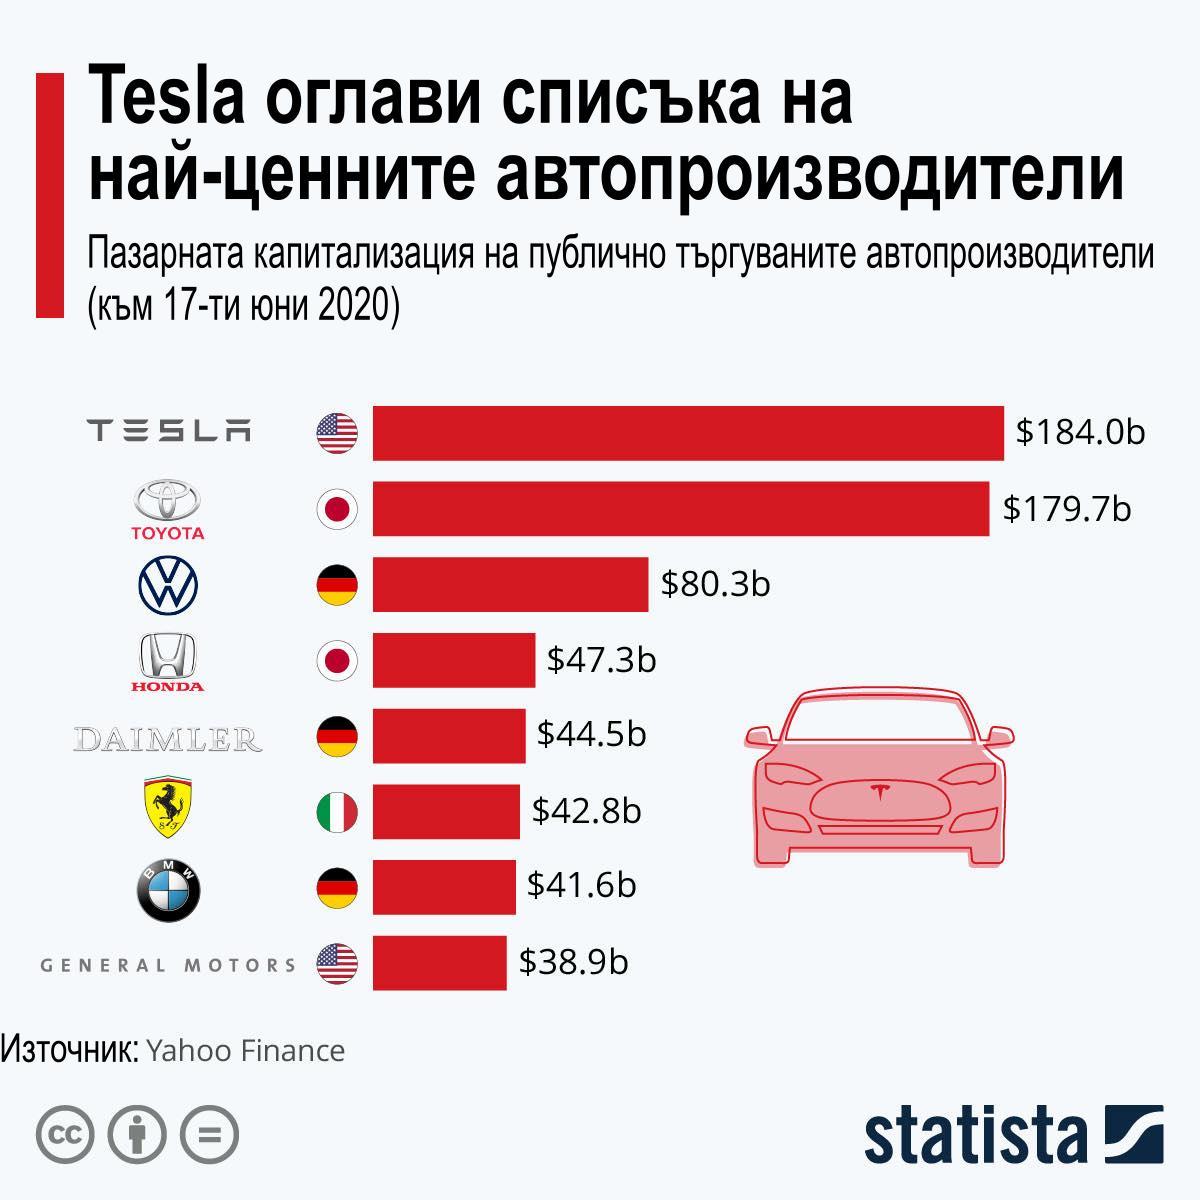 графика с най-високо оценените автопроизводители за юни 2020